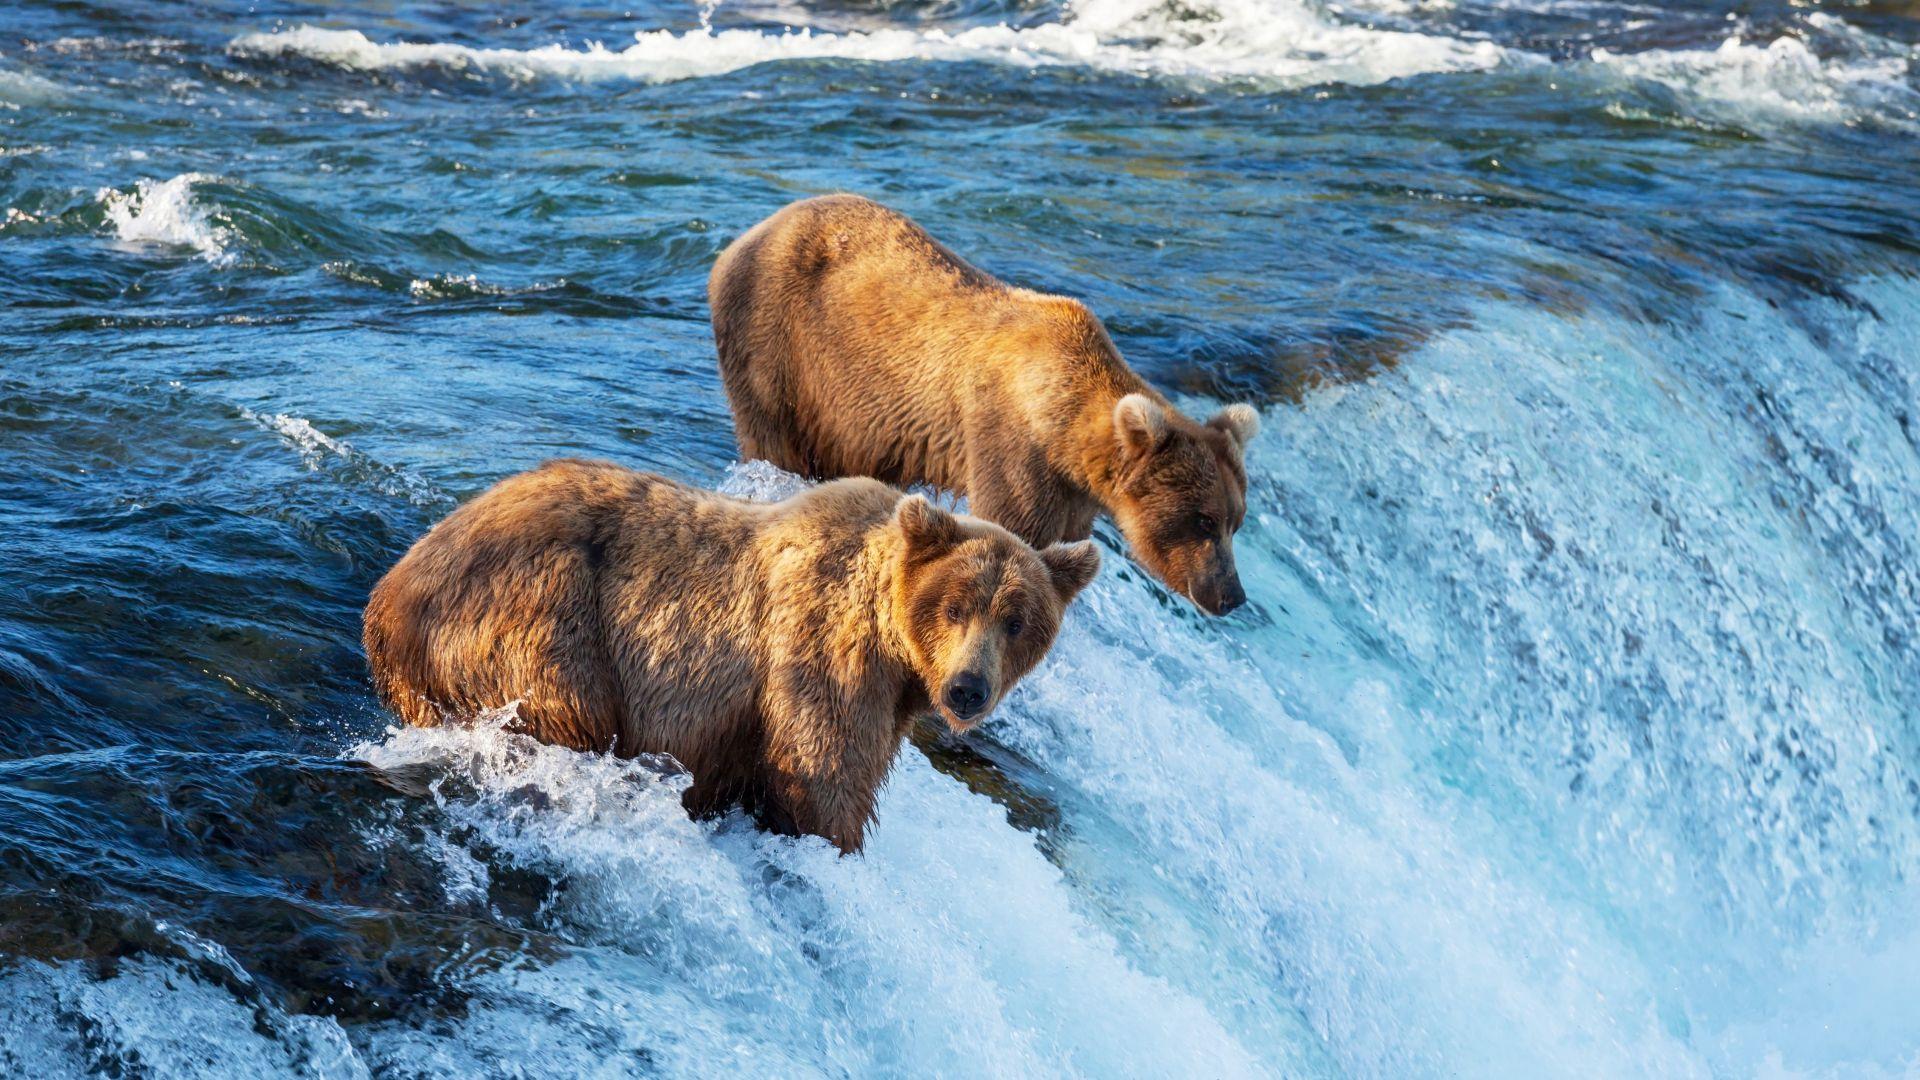 Keliaujant galima pamatyti ir grizlius